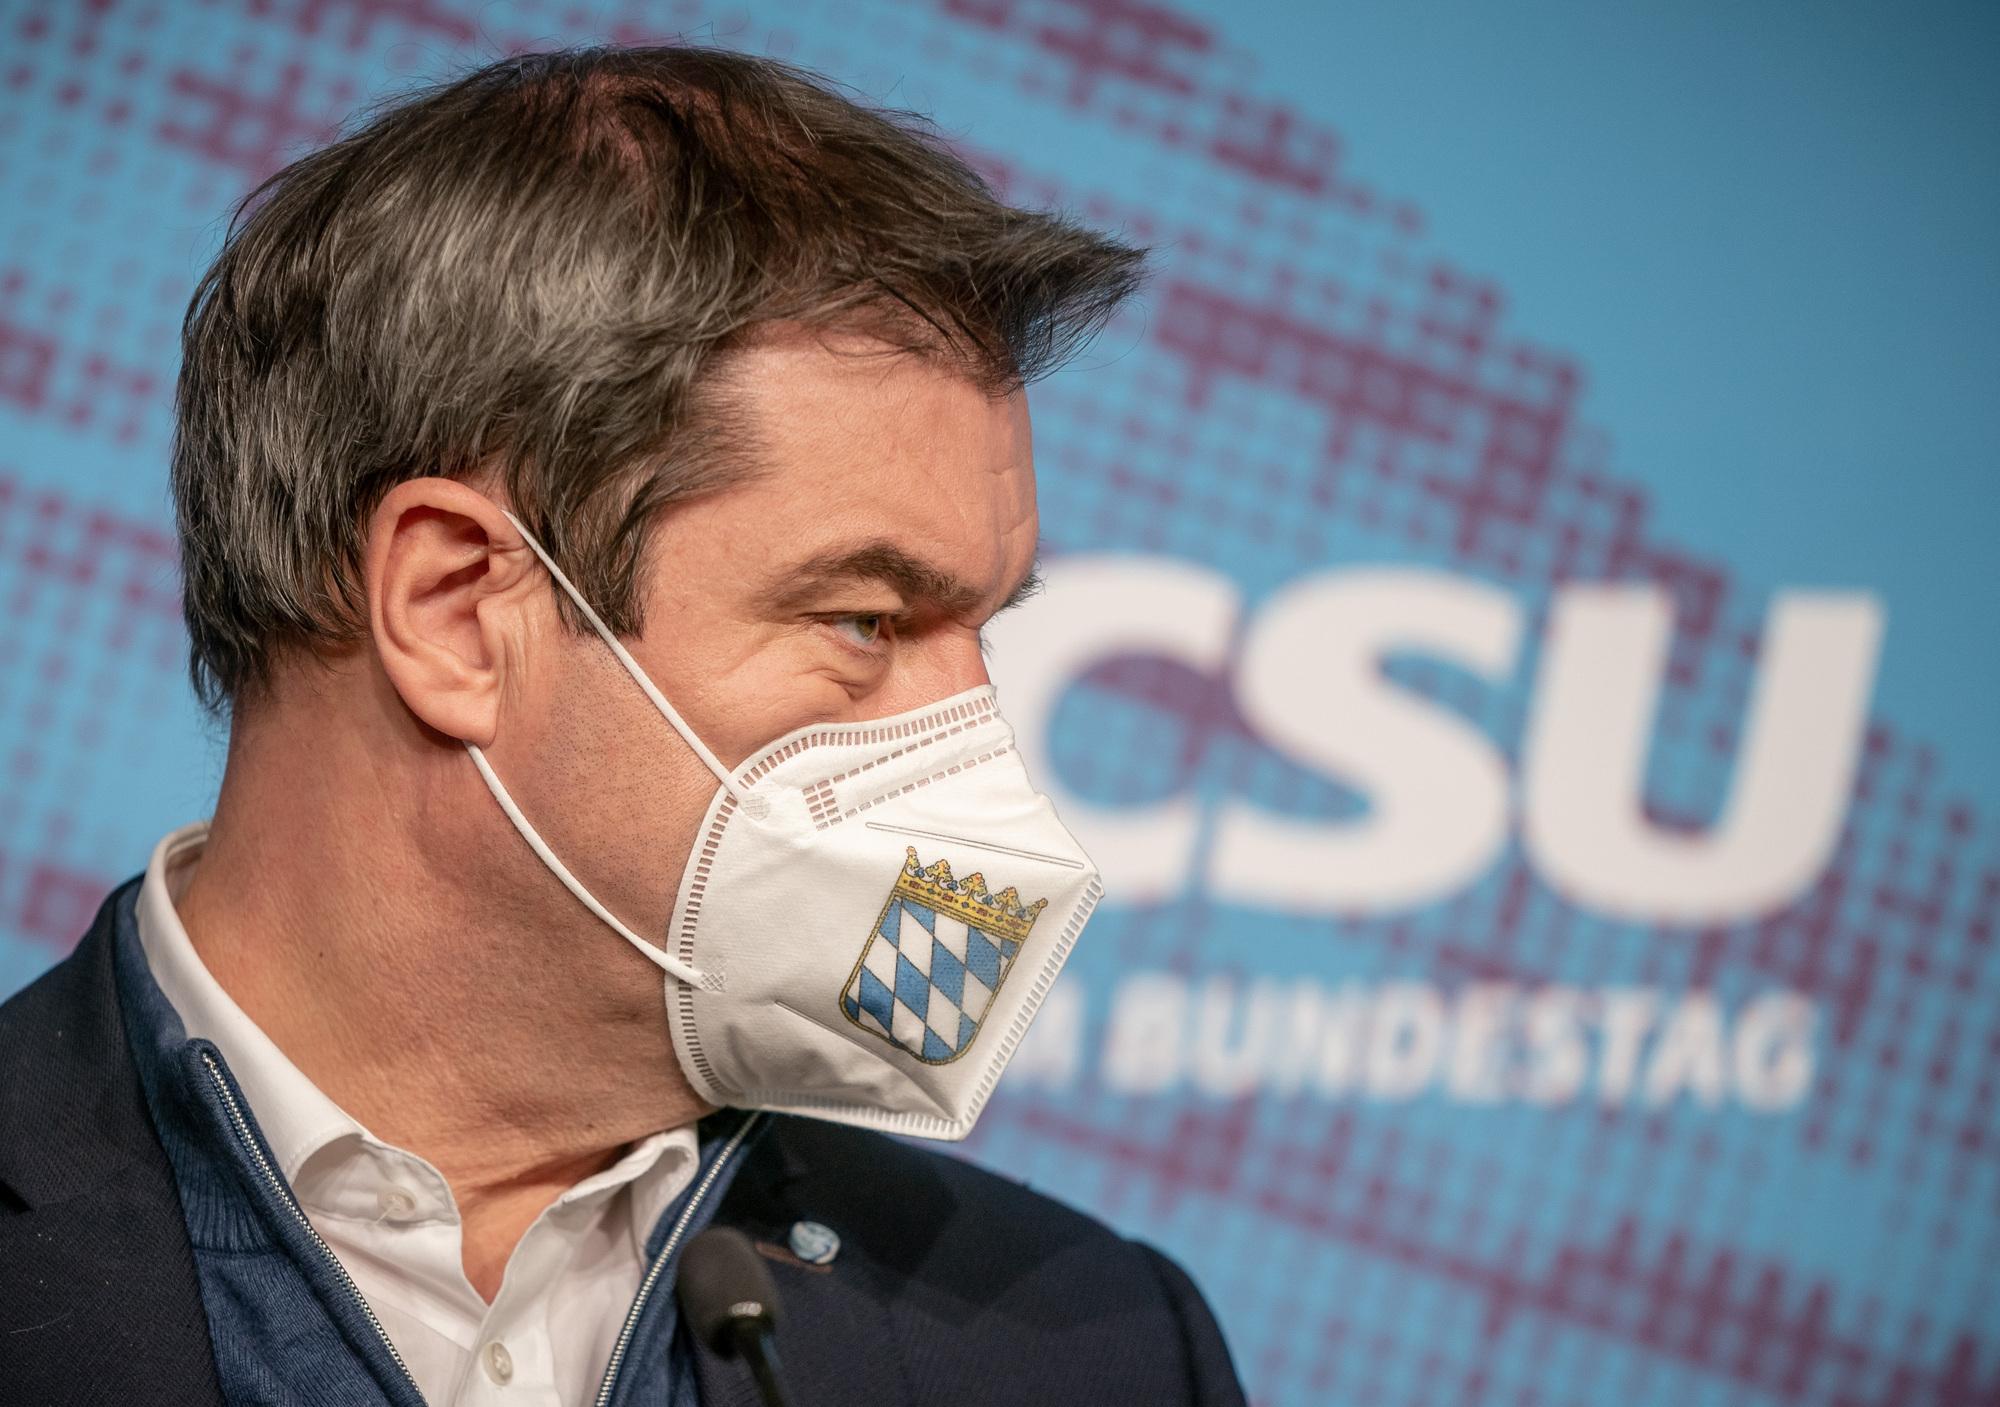 Bayern beschließt FFP2-Maskenpflicht für Nahverkehr und ...